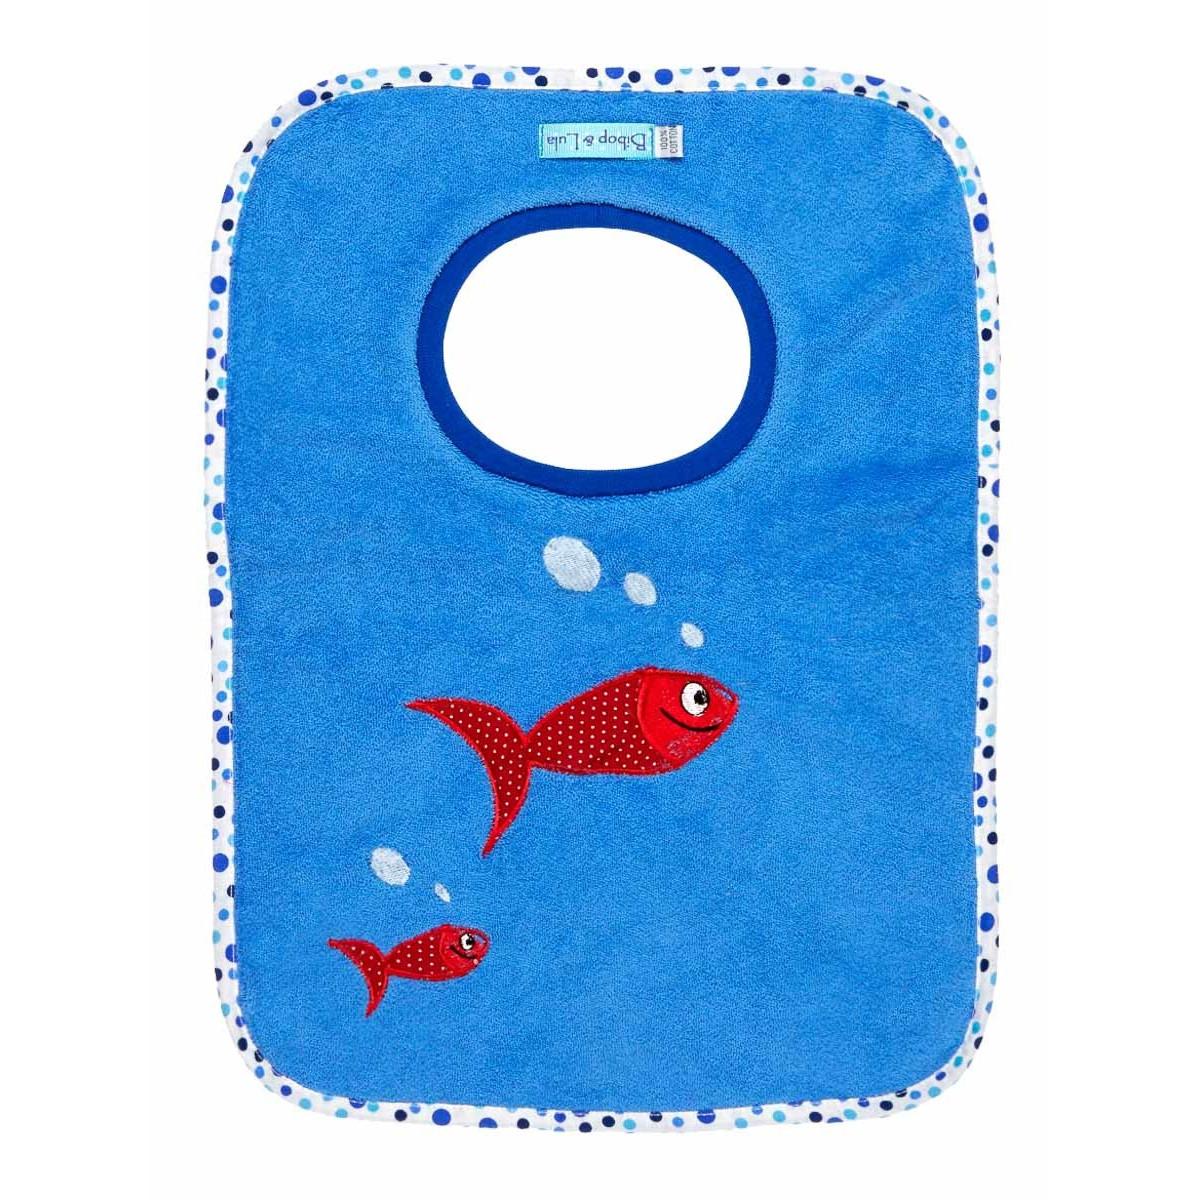 Bavoirs élastiques école maternelle bleu et poisson rouge